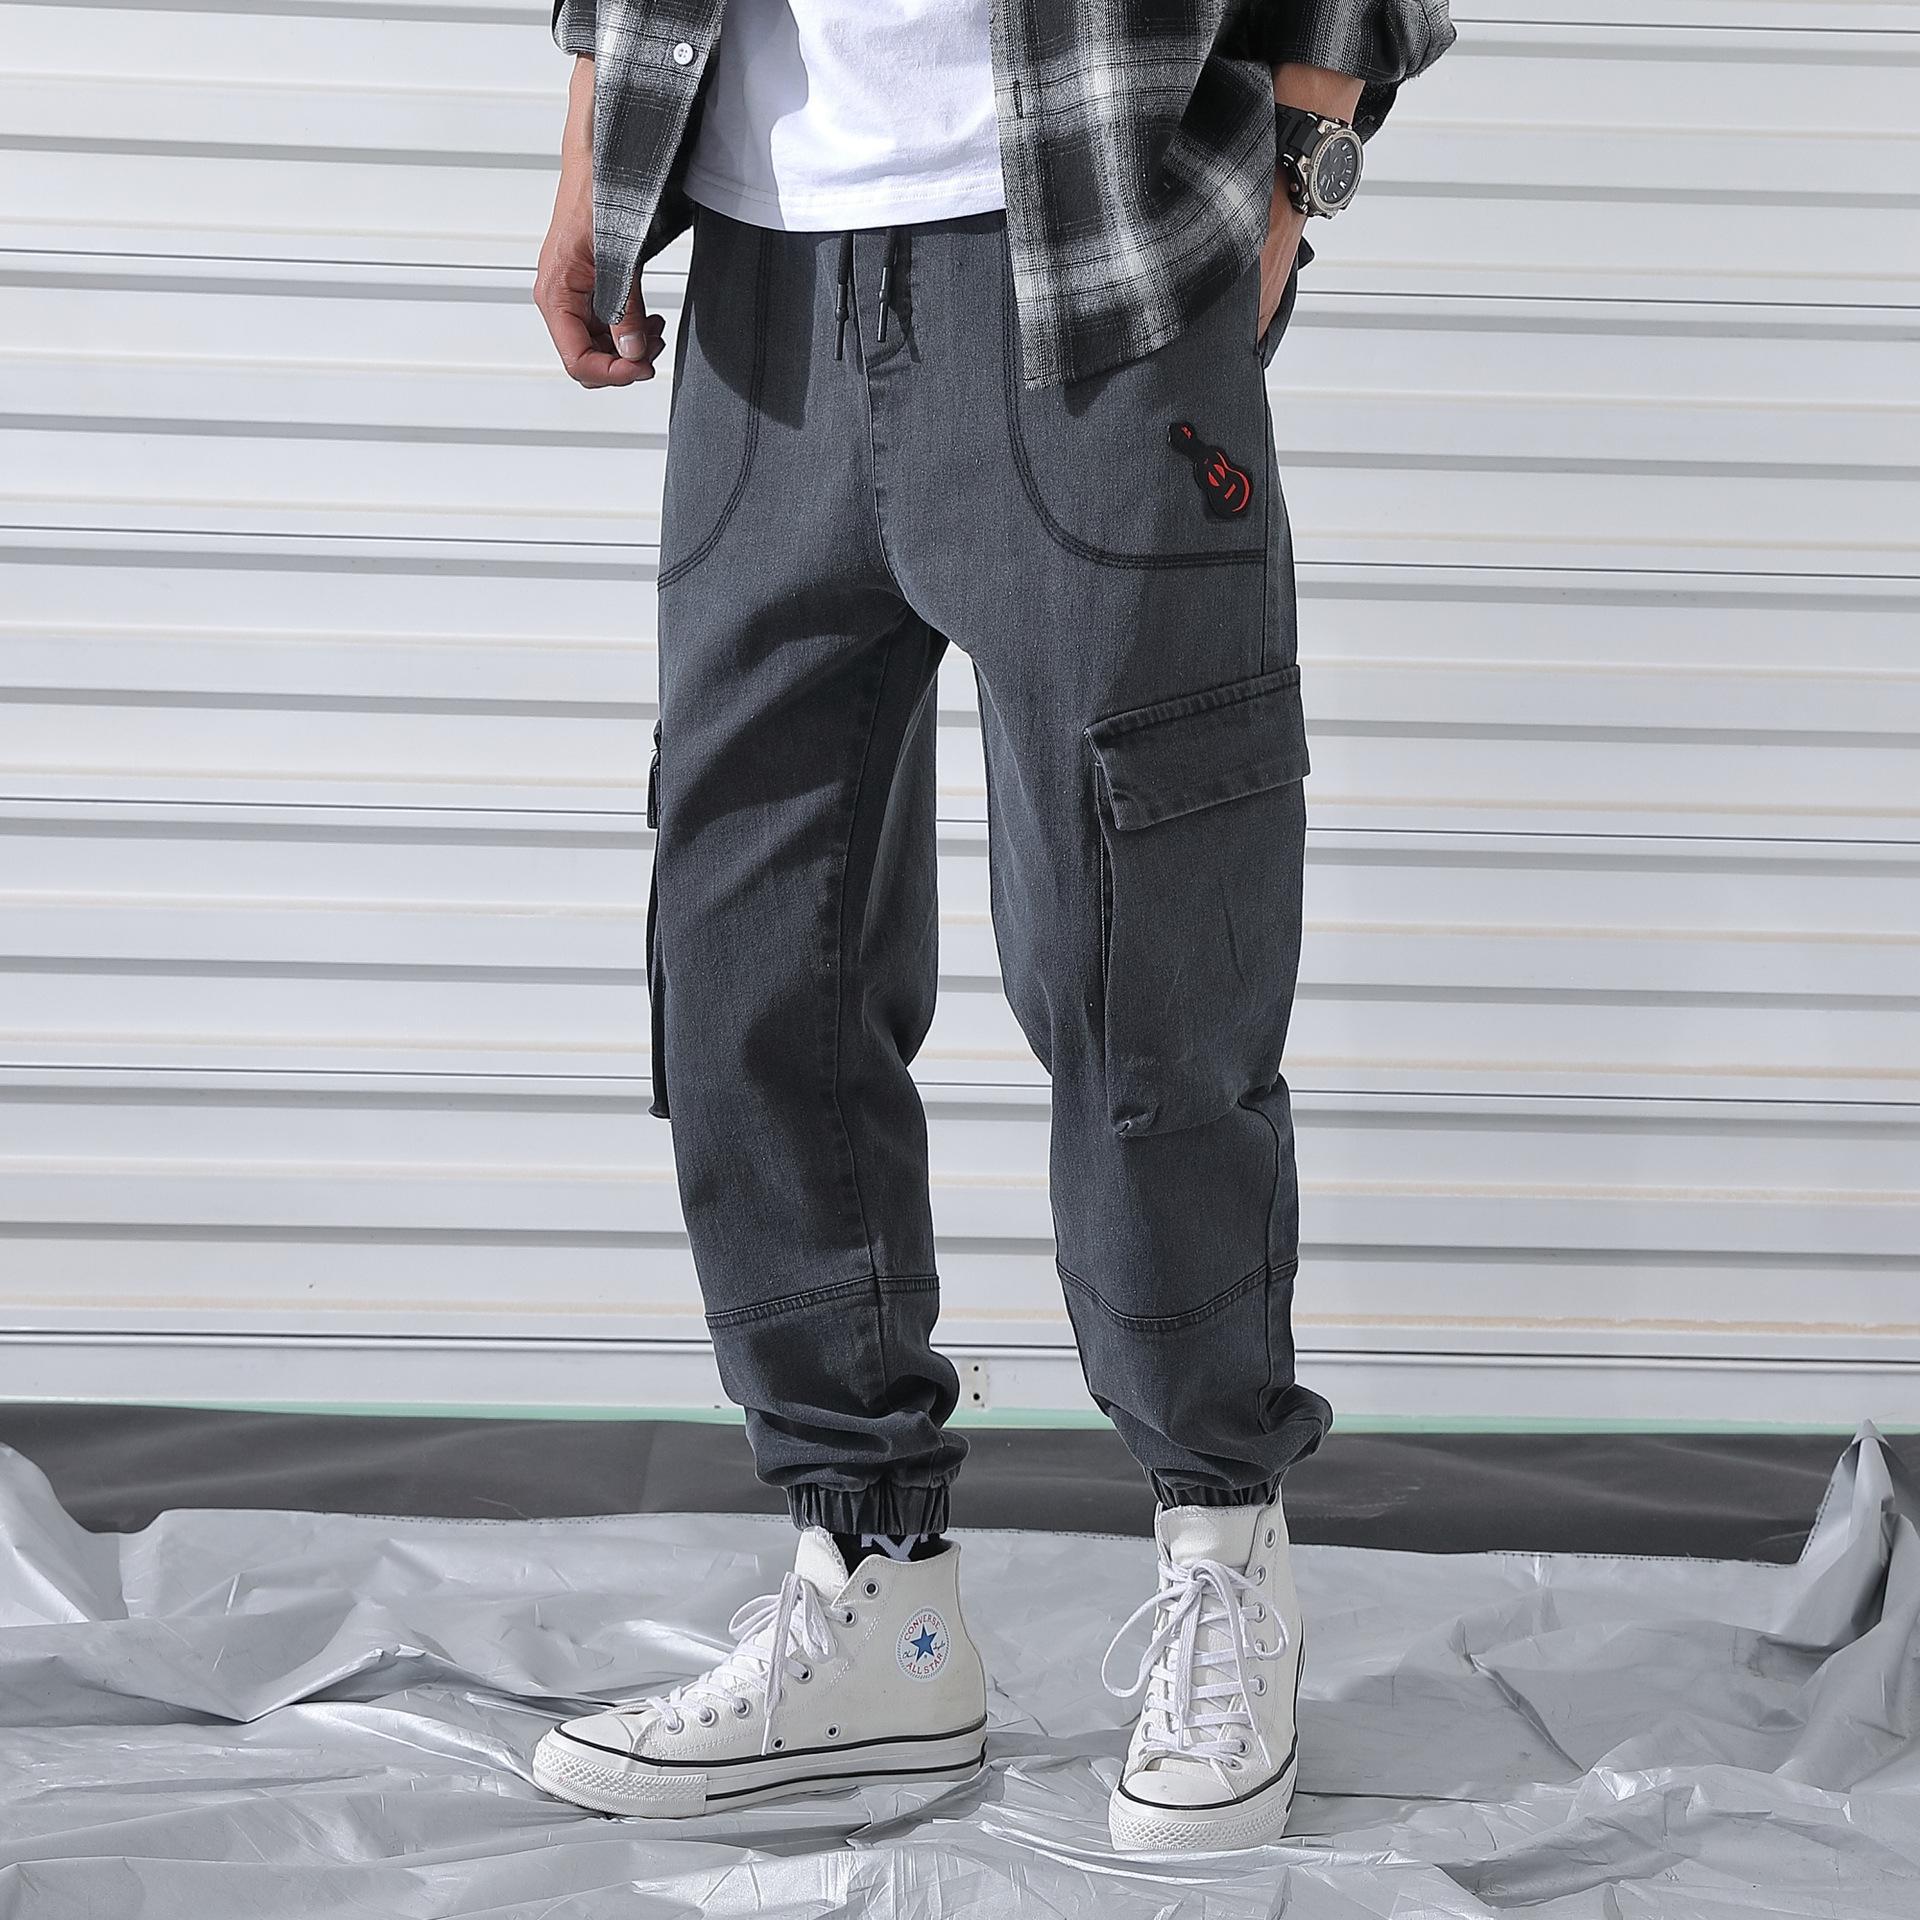 CPNhw Frühling und Herbst Männer Männer angesagte Arbeitskleidung Hosen Fett plus plus Größe Harlan beiläufige Enge Jeans beiläufige Gamaschen Jeanshosen verlieren